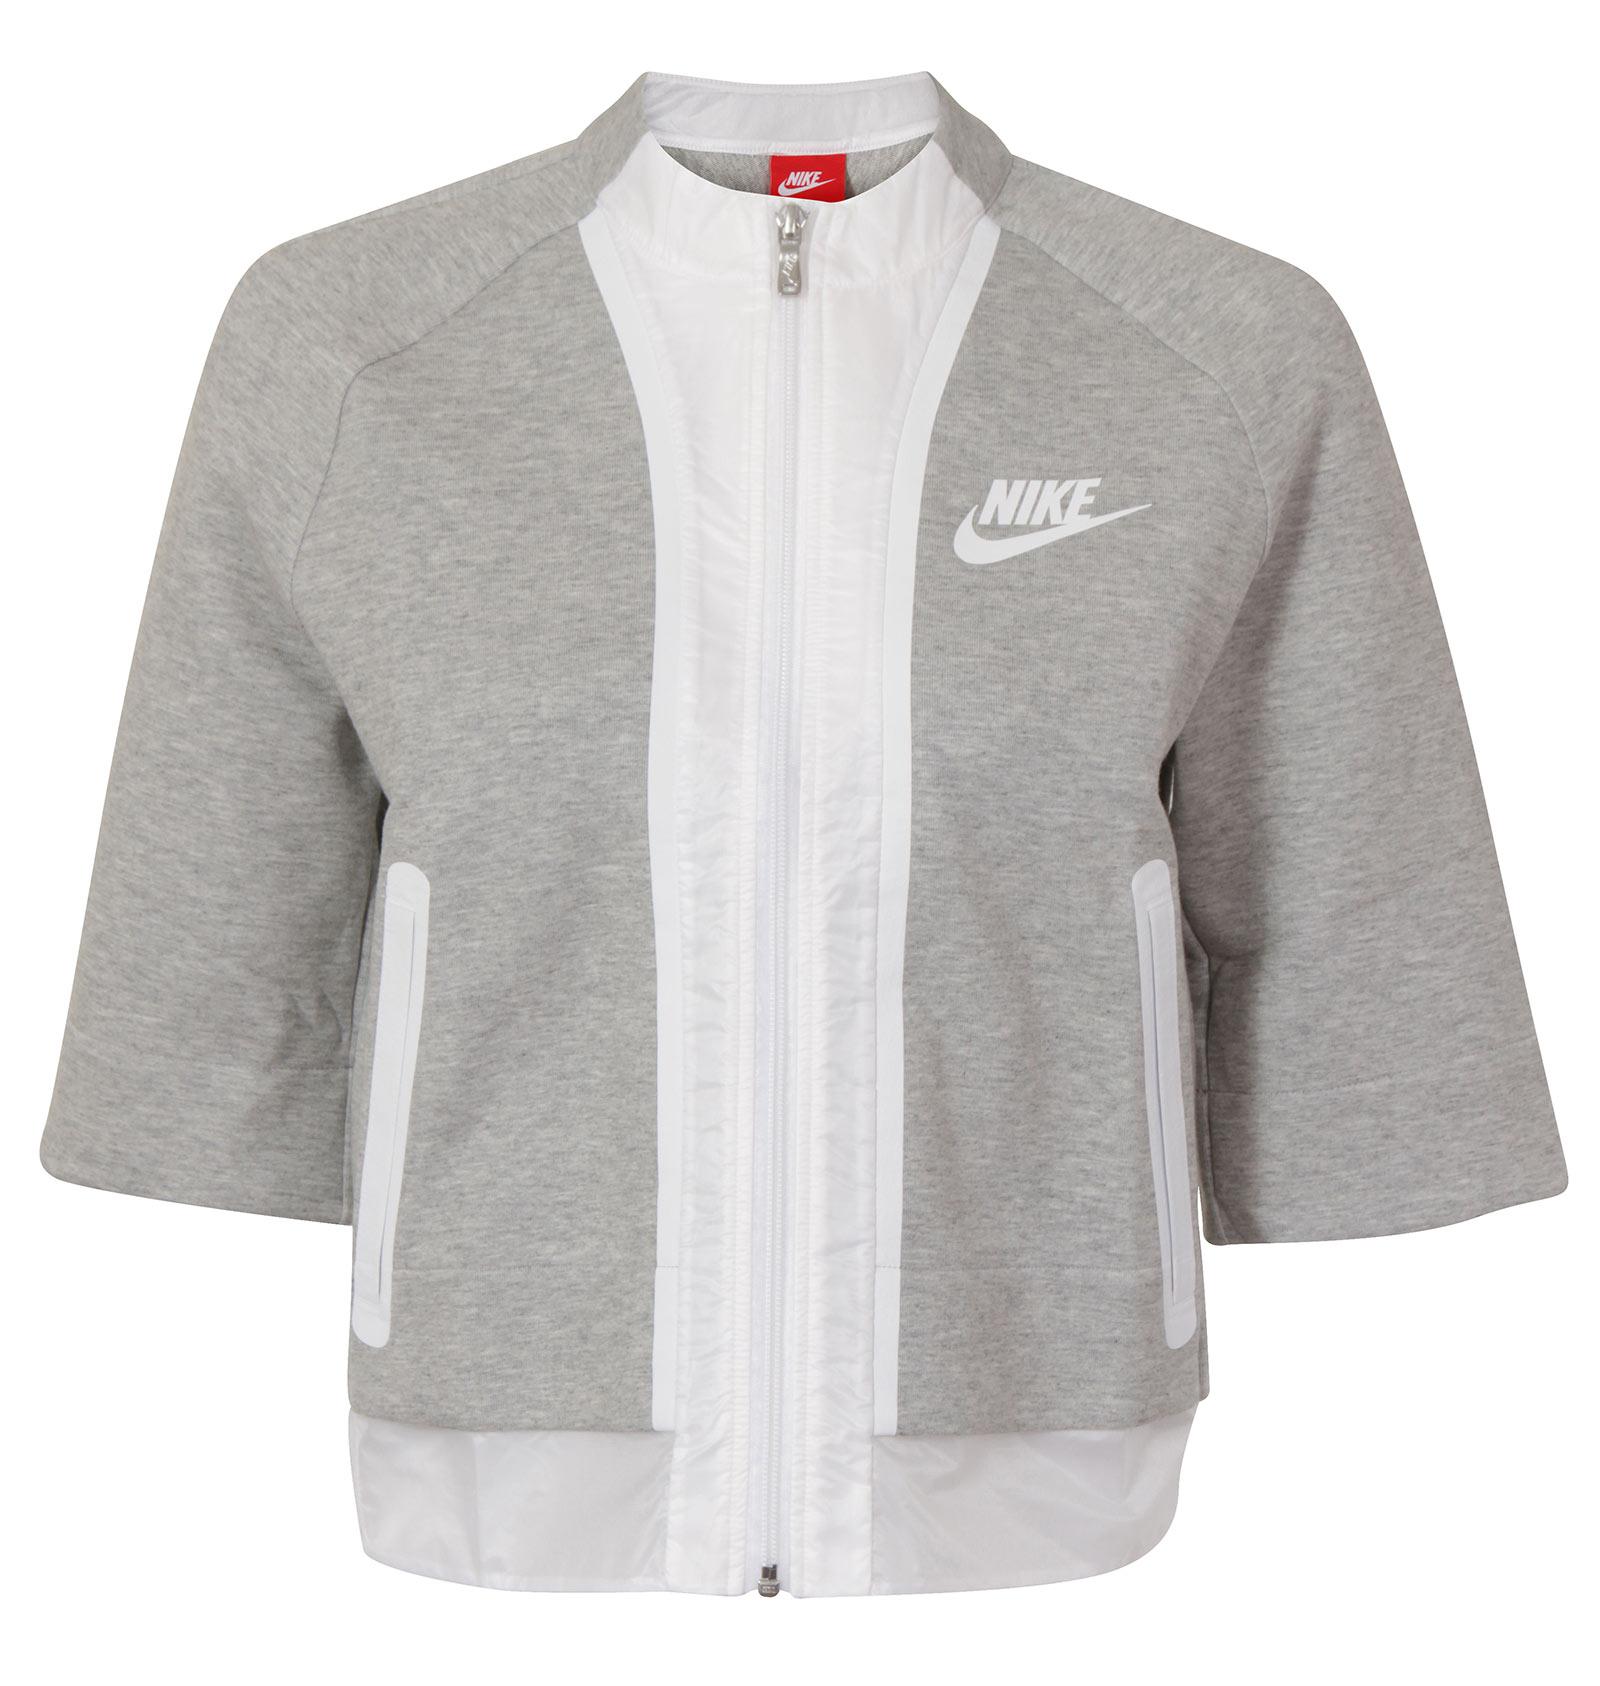 New Nike Tech Fleece Cropped Splatter Womens Jacket ALL SIZES | eBay